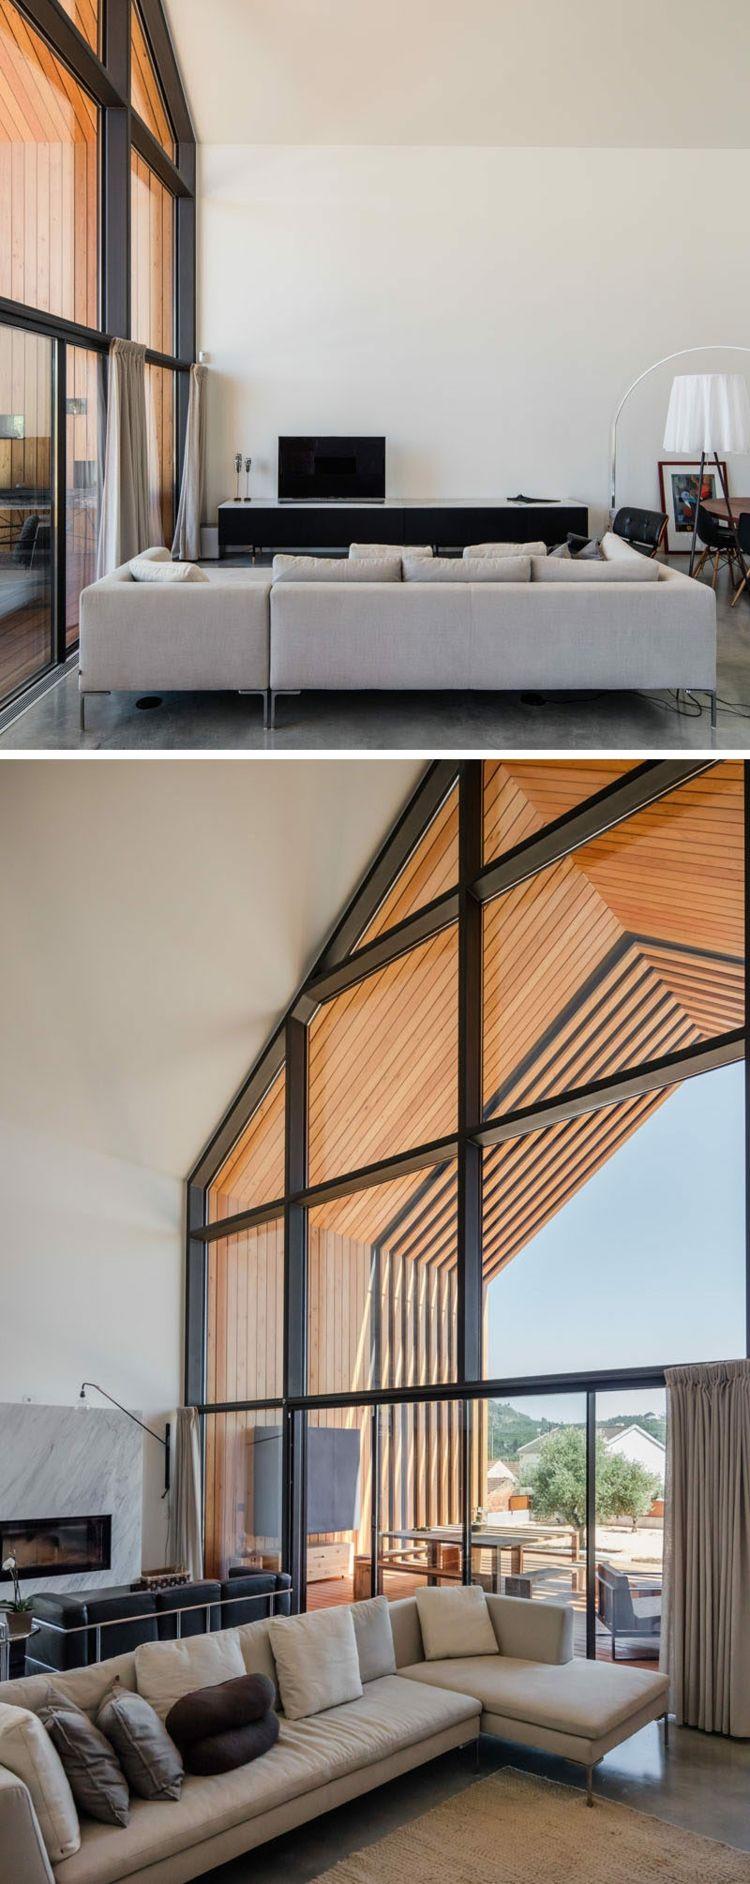 Liebenswert Fensterfront Sammlung Von Wohnzimmer Hohe Decke Spitzdach Veranda Aus Holz